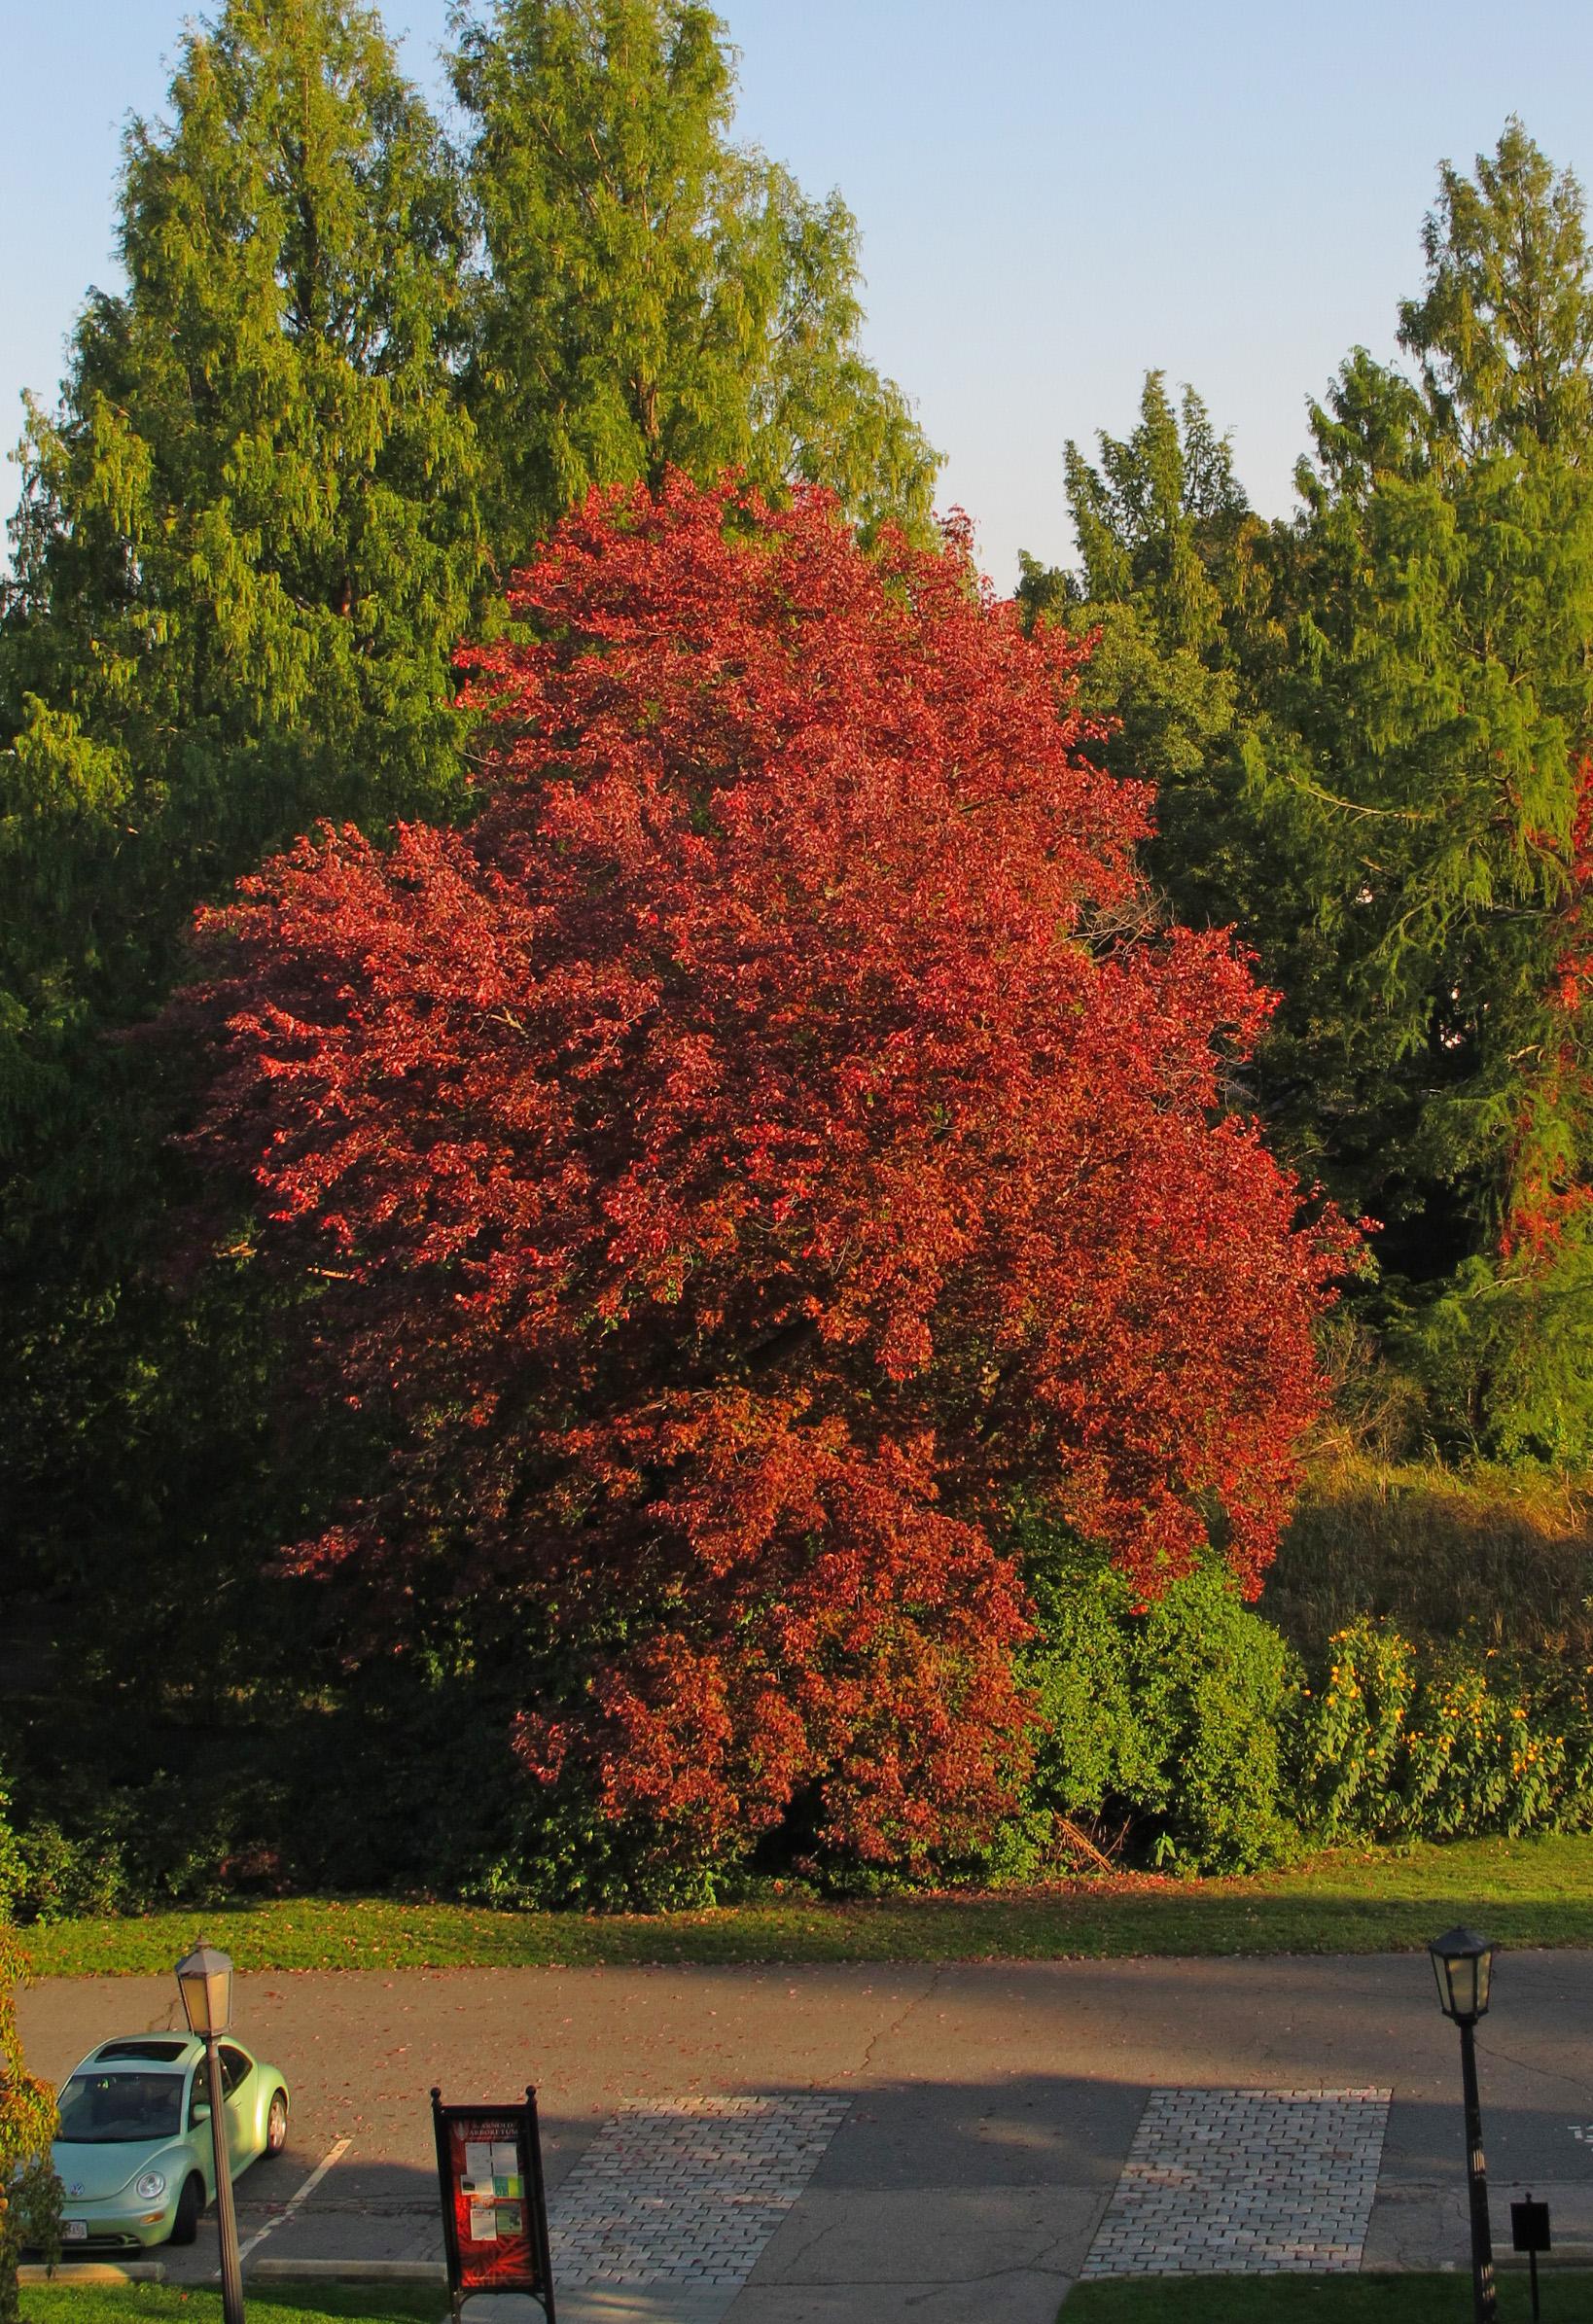 schlesinger red maple